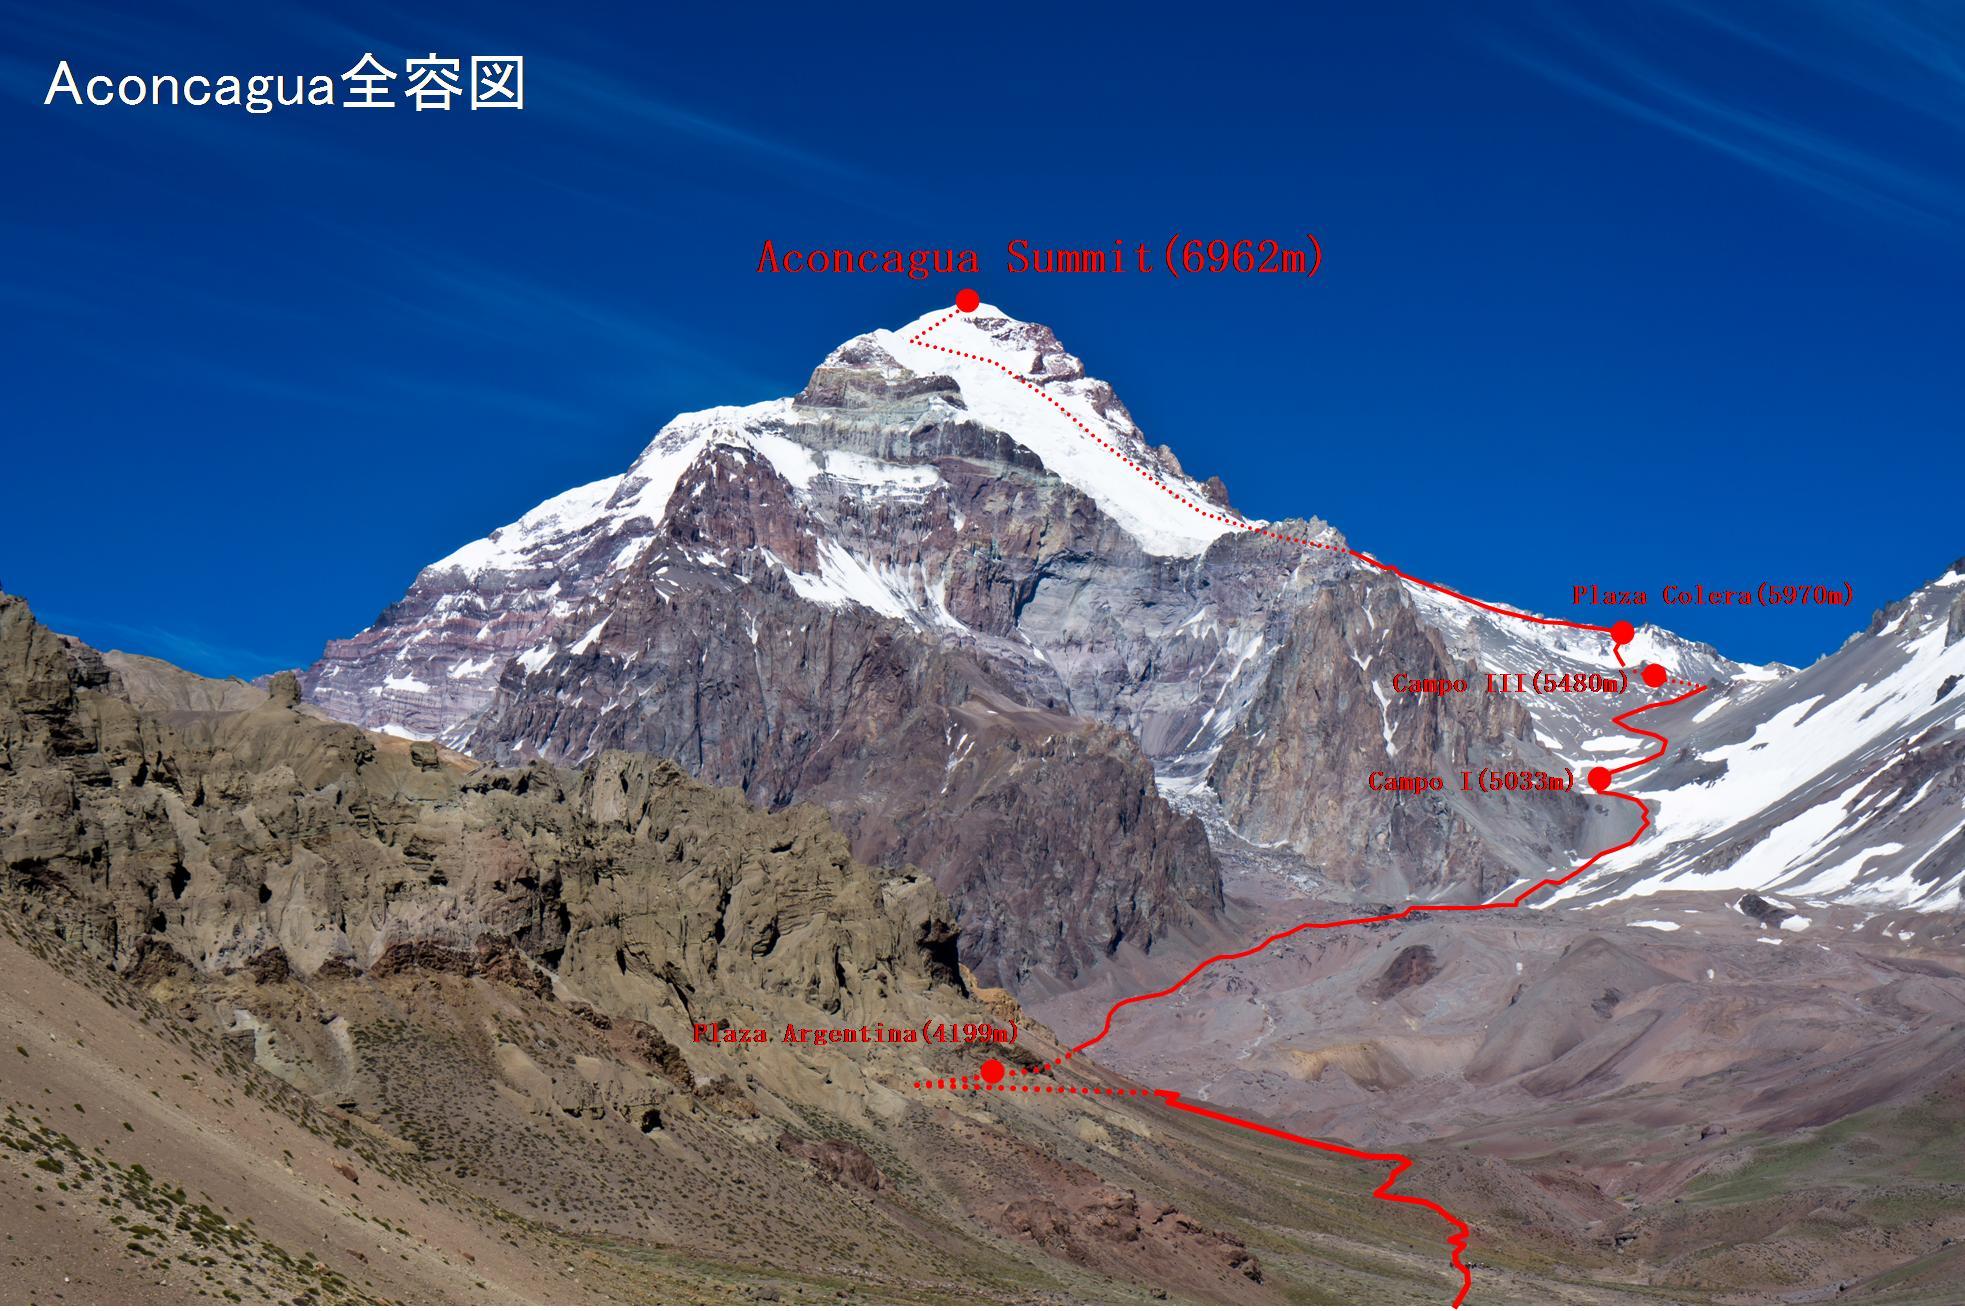 Aconcagua_route.jpg